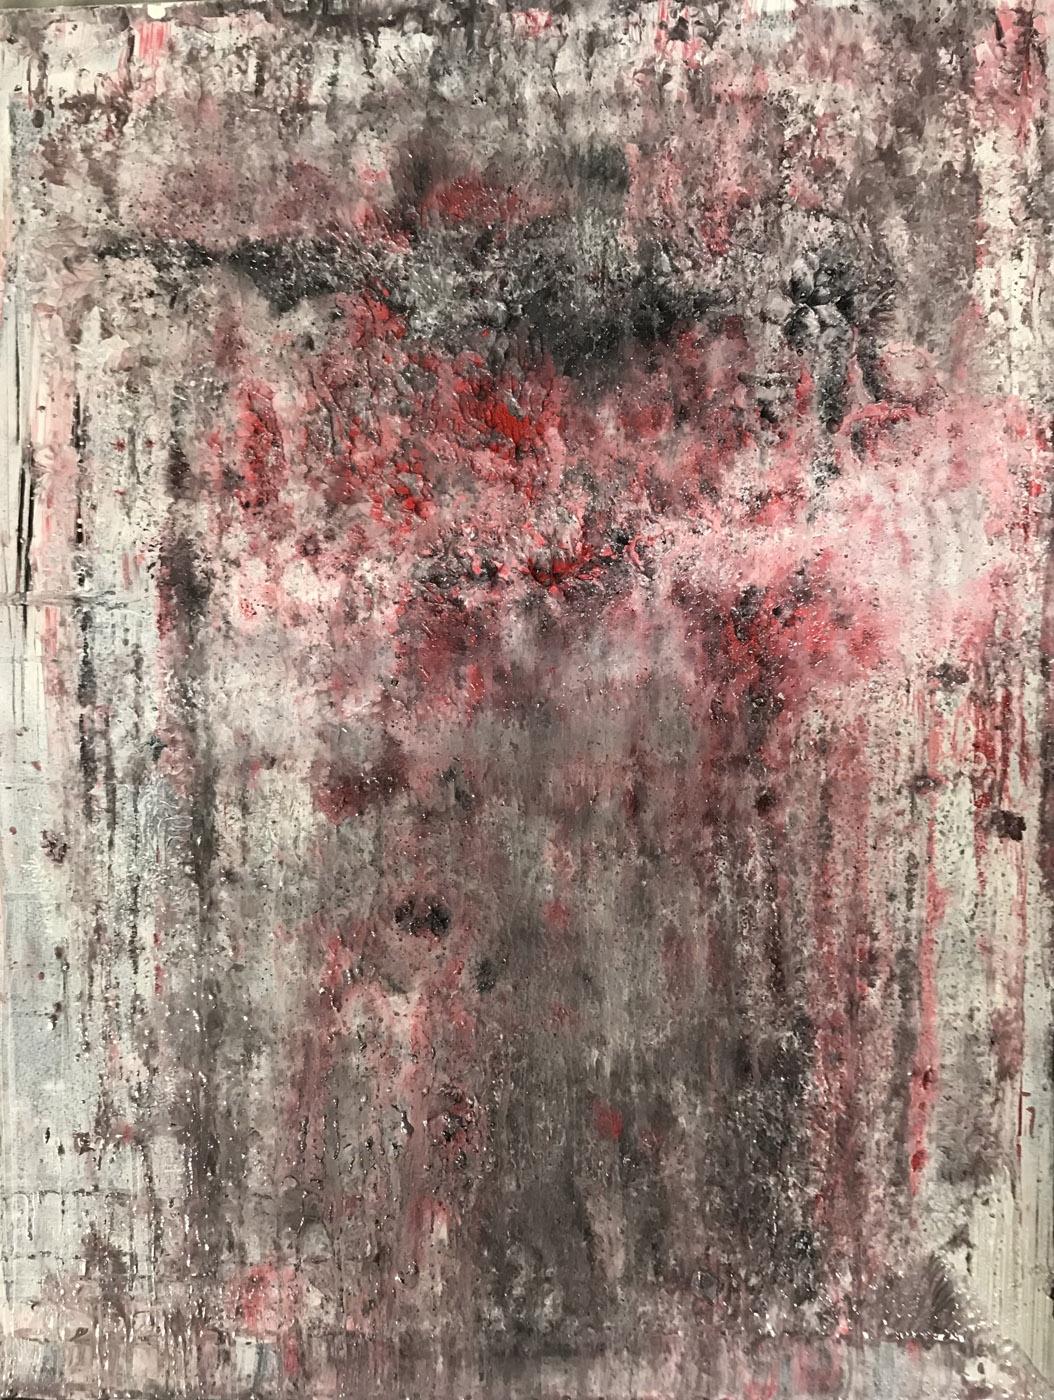 MARC FELD 2020 BRASIER 2 Huile sur papier marouflé sur toile 50 x 65 cm